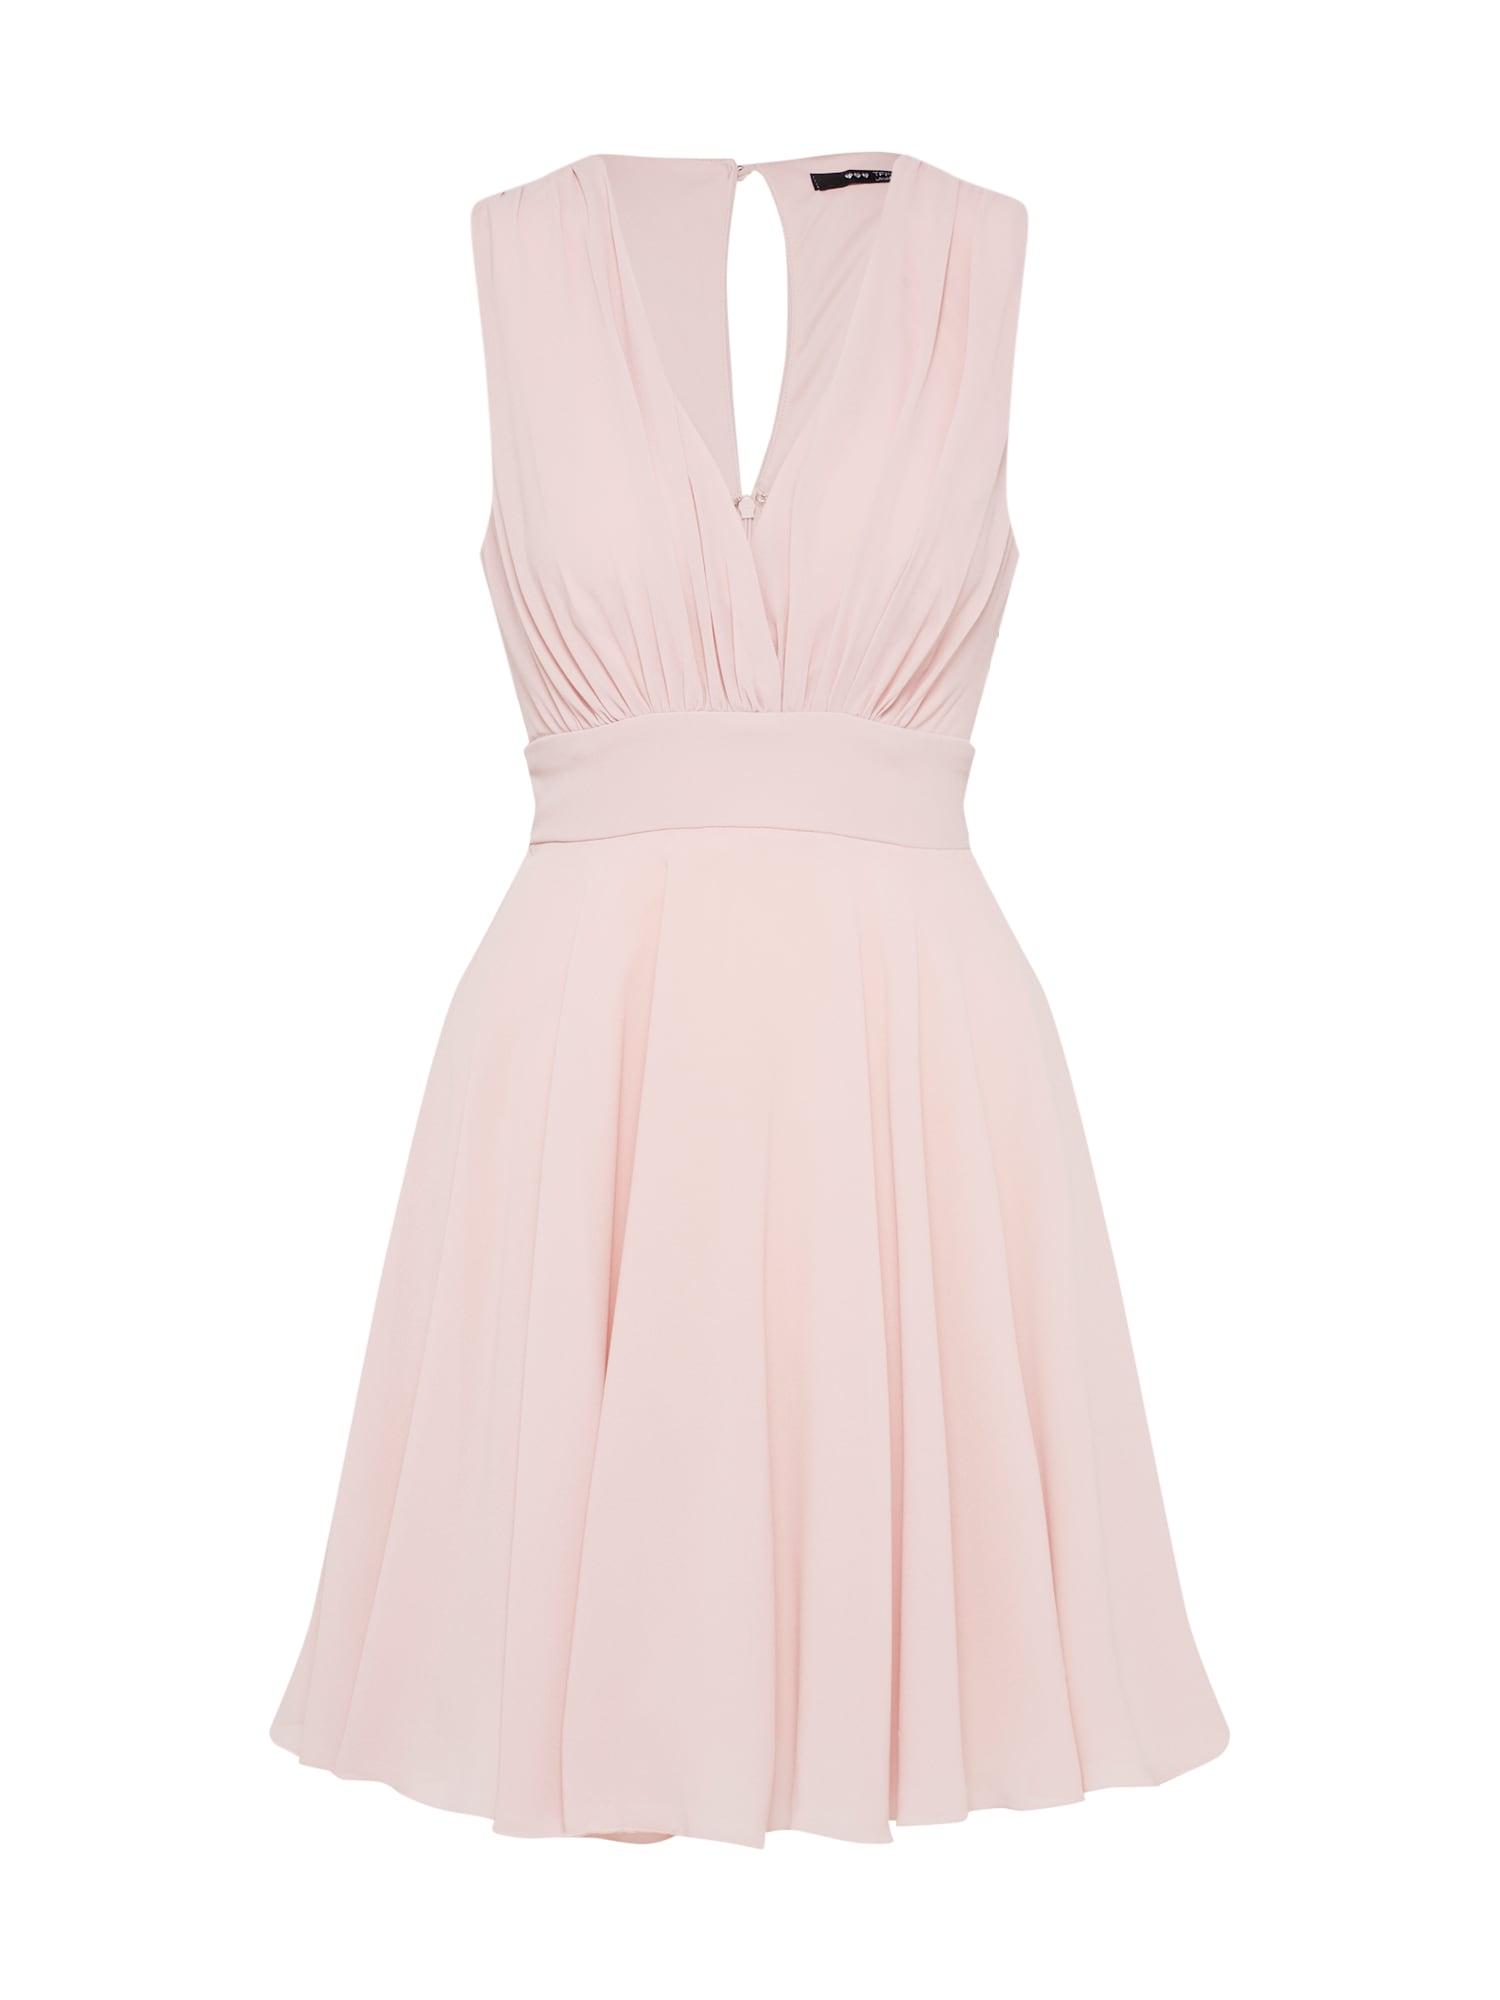 Letní šaty Nordi růže TFNC